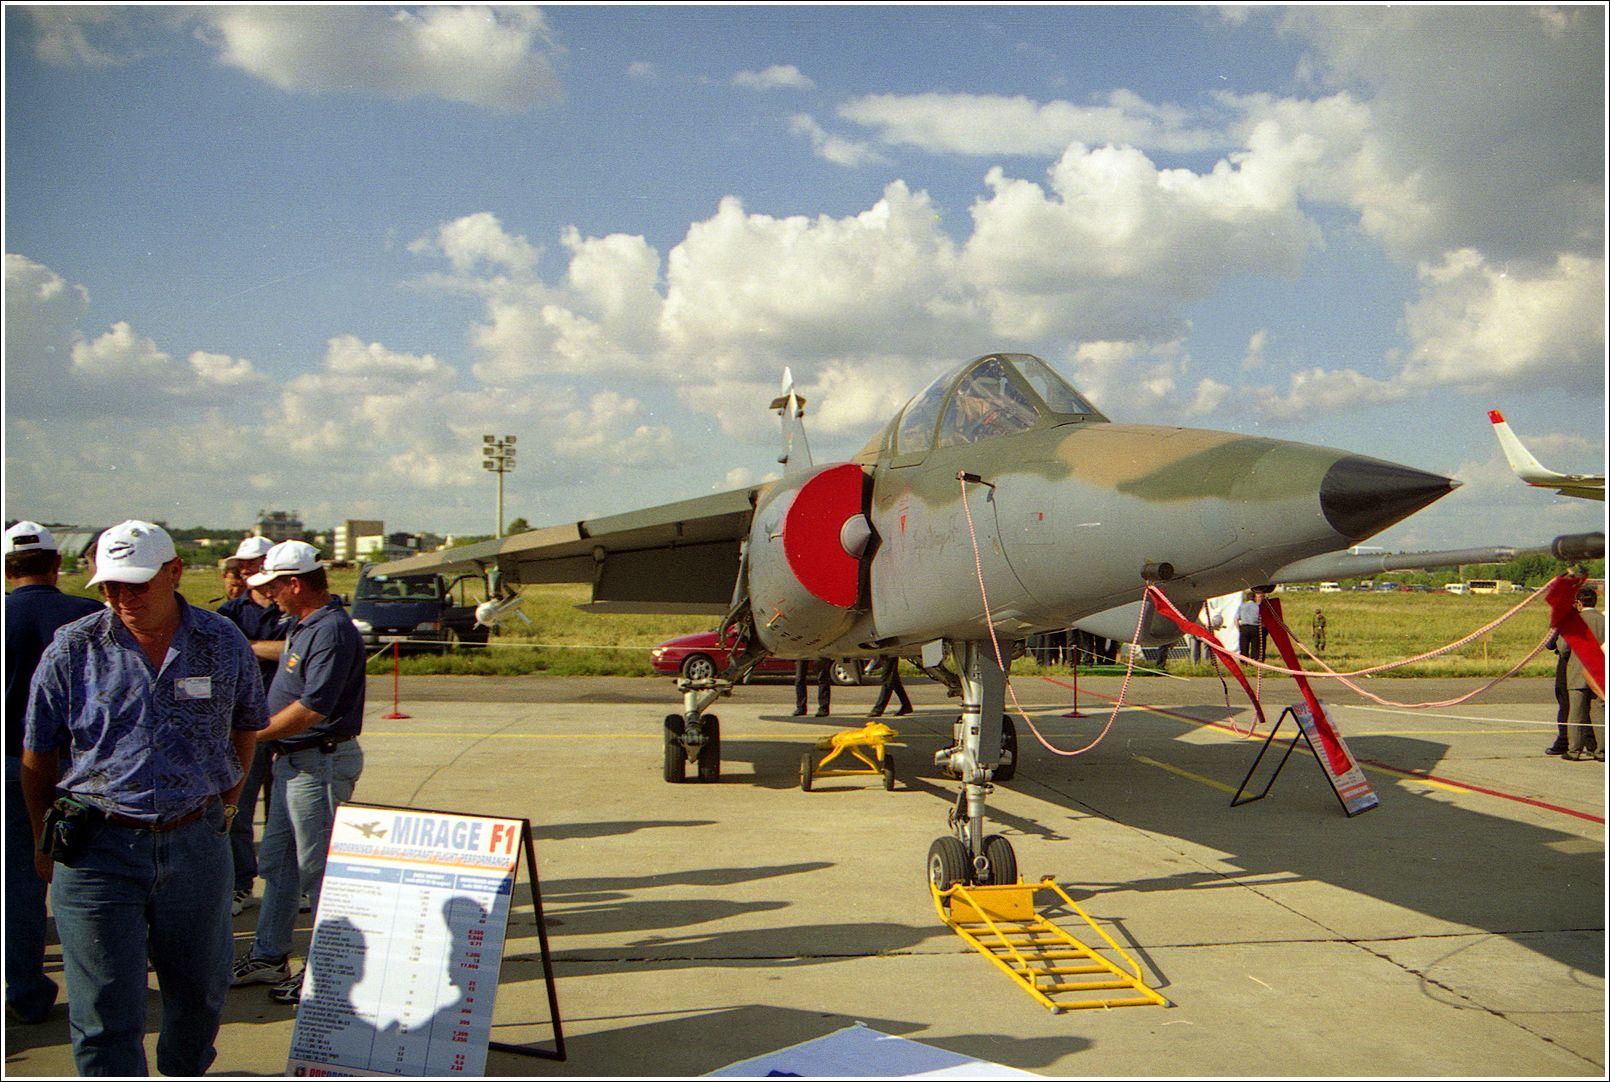 Мираж F-1 Мираж F-1 авиация Франция самолет стоянка Жуковский 2001